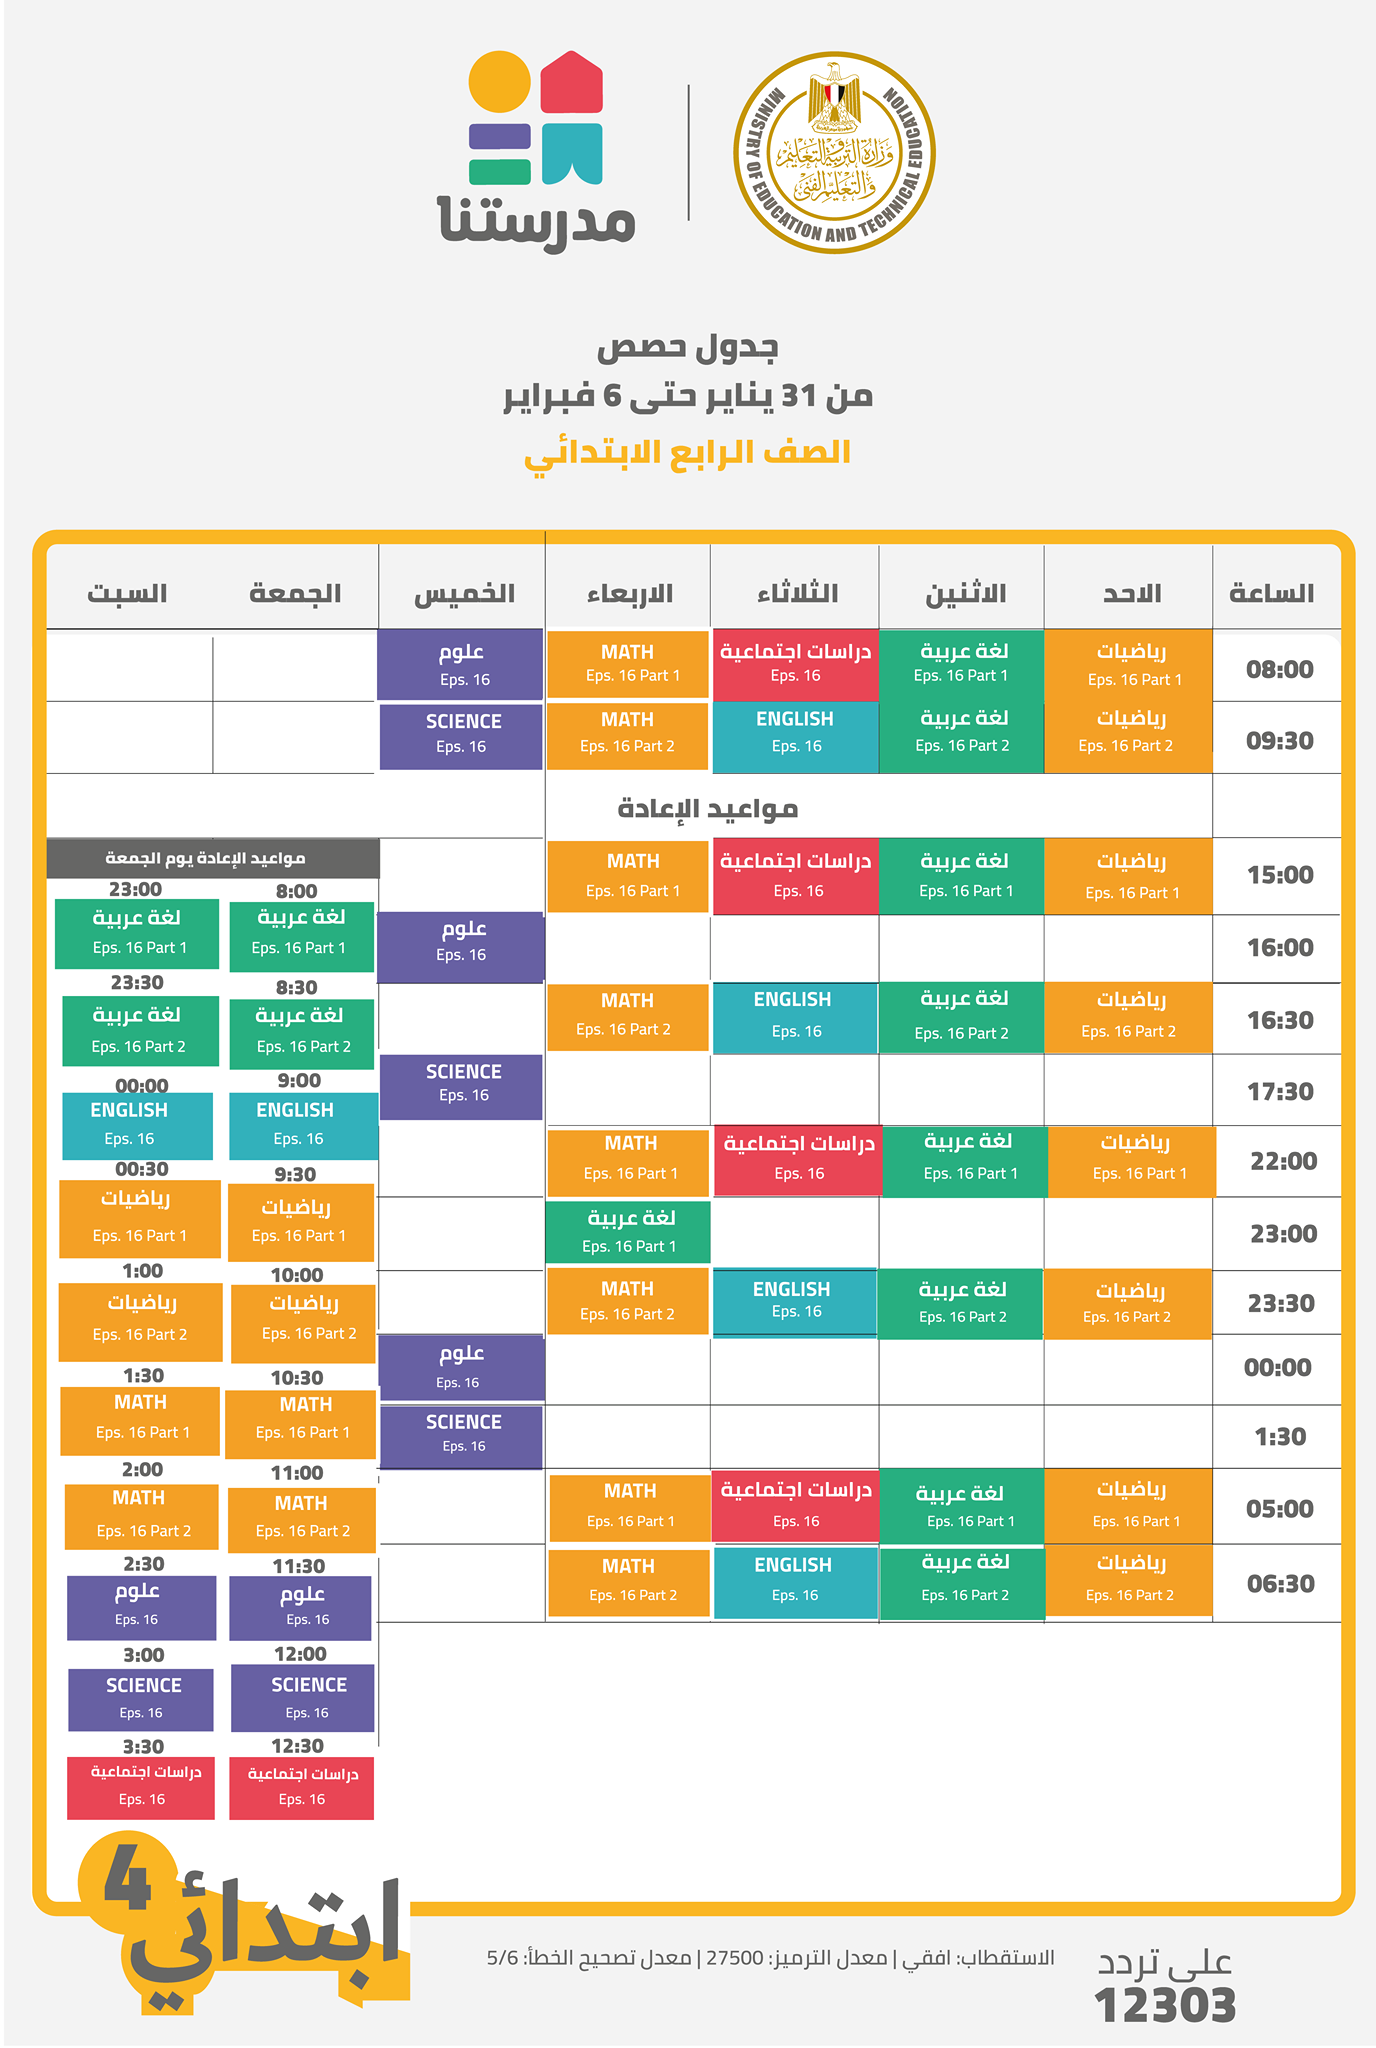 جدول مواعيد البرامج التعليمية علي قناة مدرستنا التعليمية من 31 يناير إلي 6 فبراير 2021 4